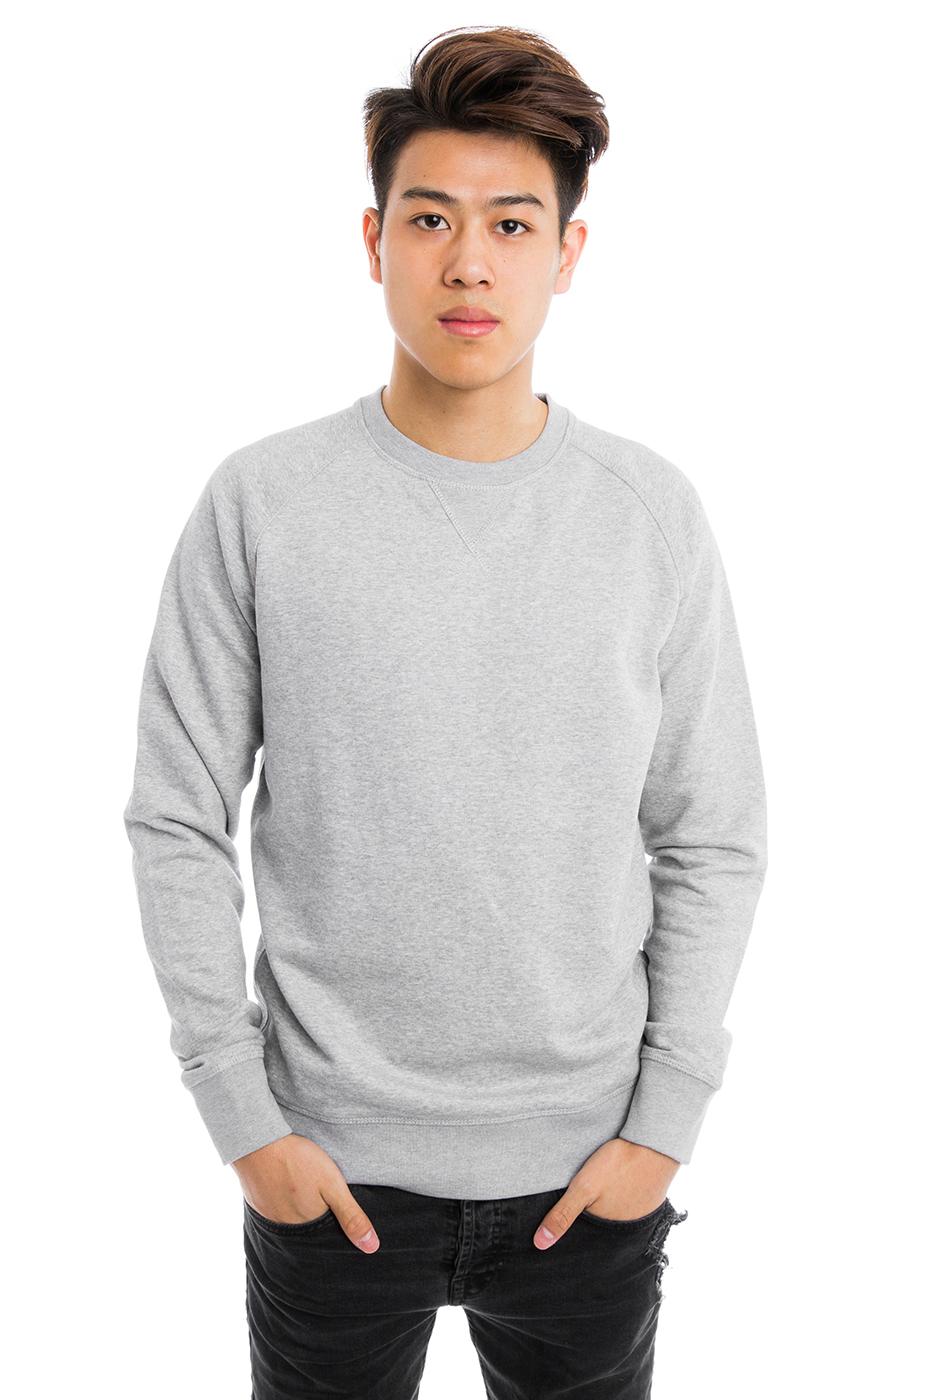 Men's Sweatshirt by Stanley & Stella